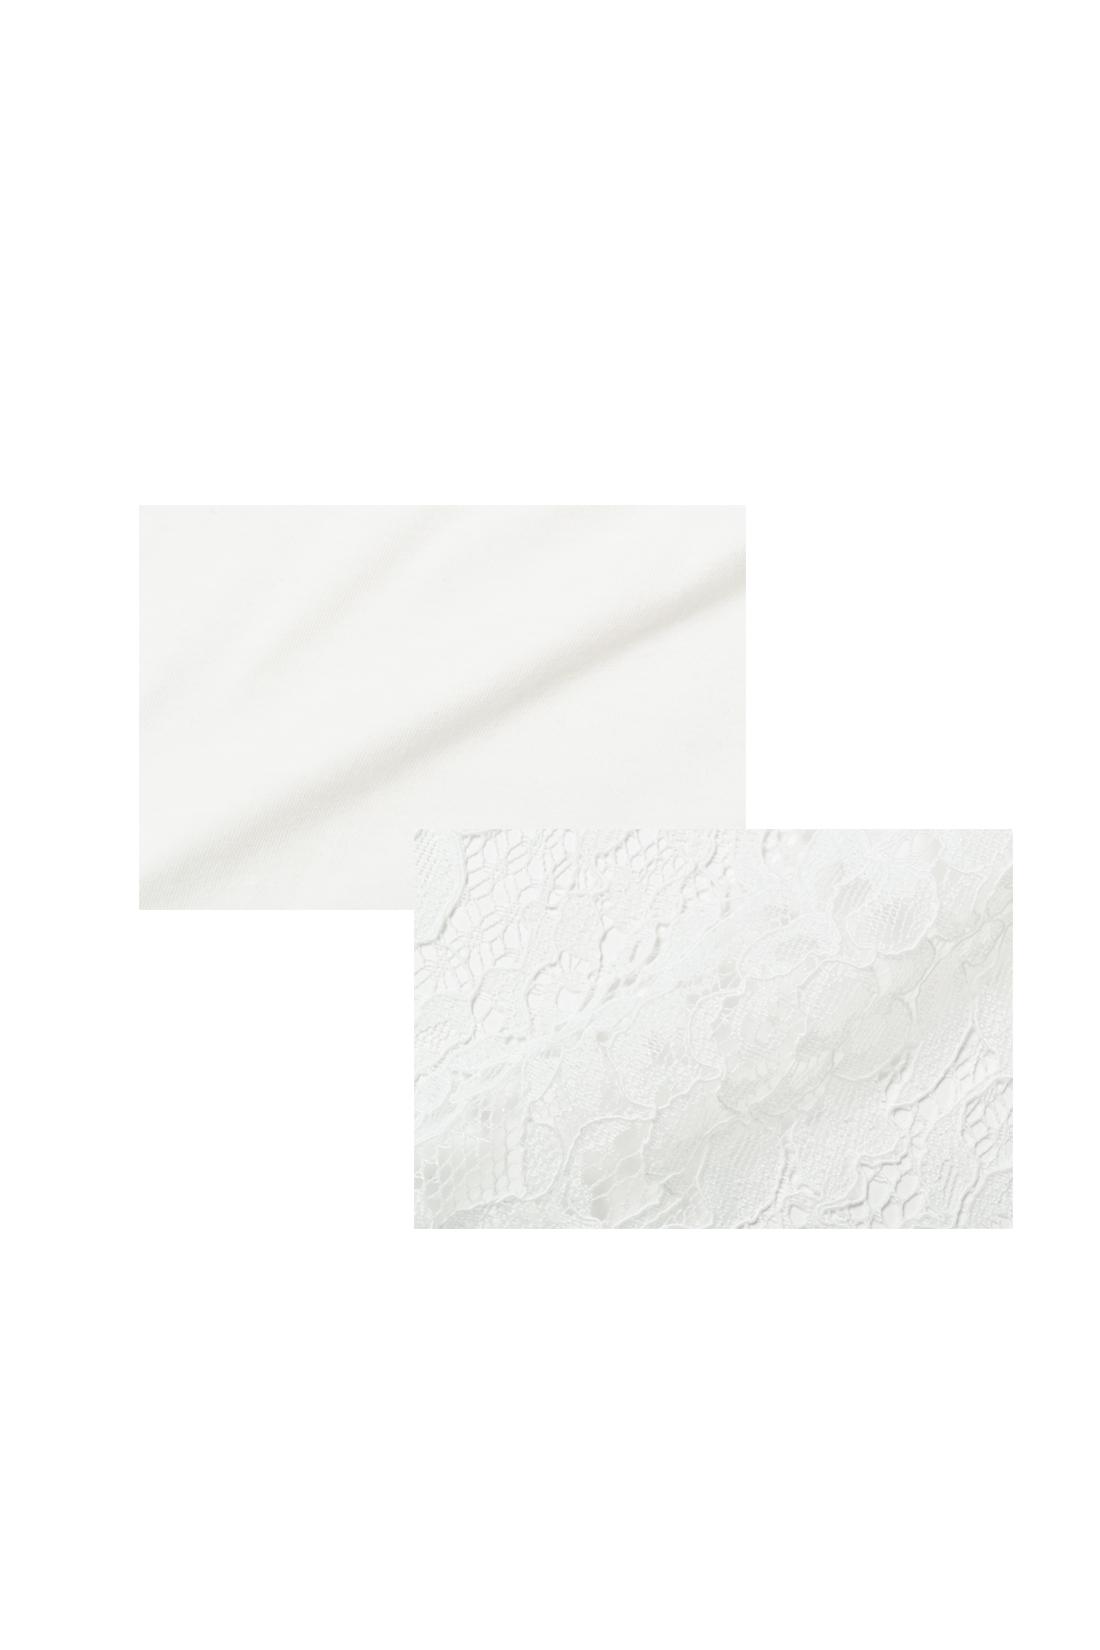 トップスは豪華な総レース。タンクトップは綿混素材で心地よく。 ※お届けするカラーとは異なります。